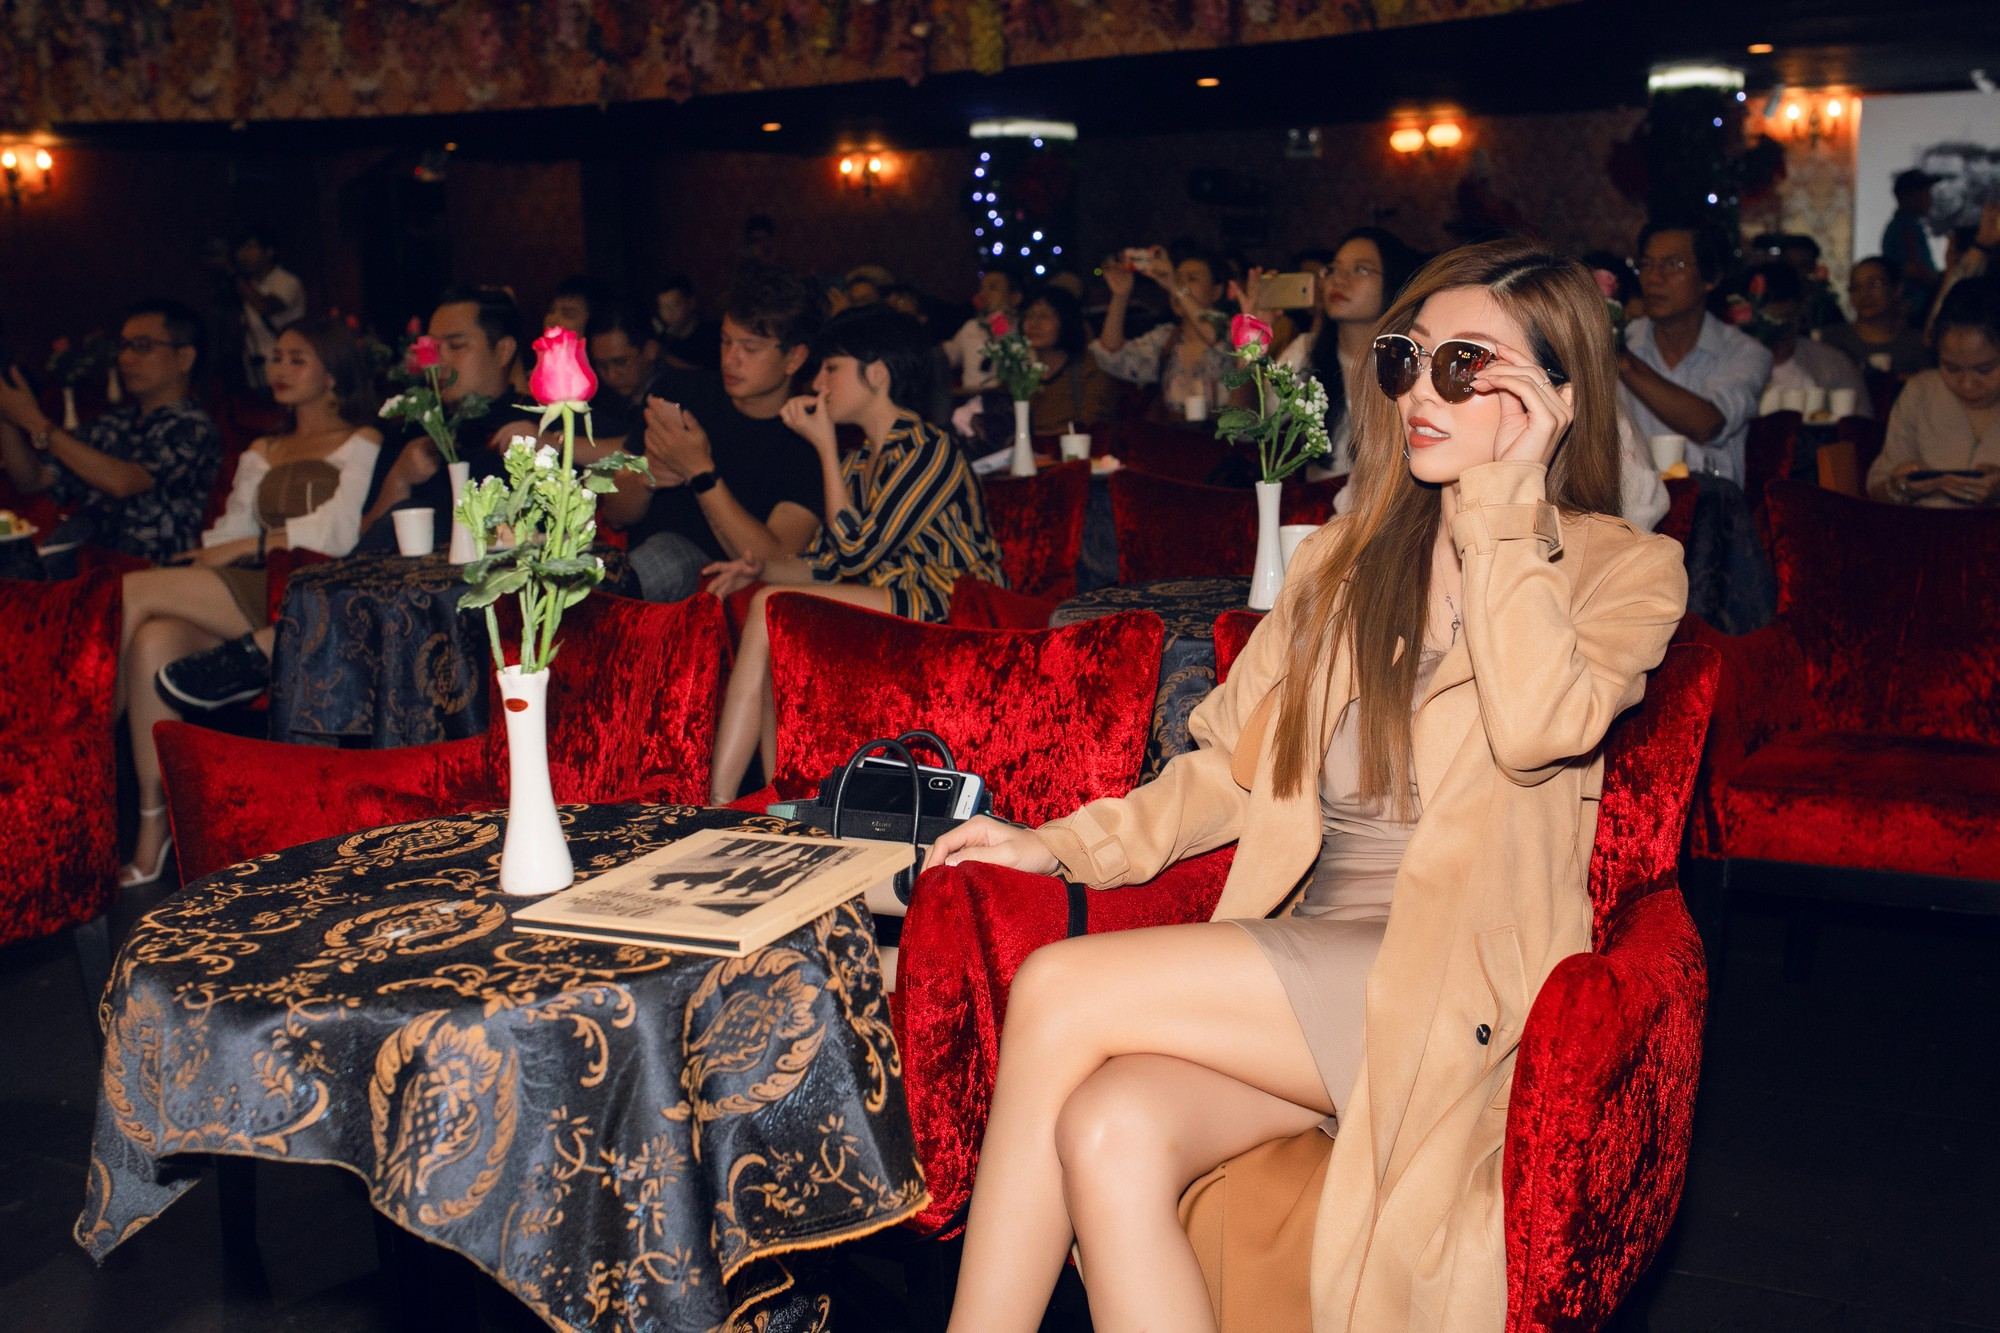 Diva Hồng Nhung hết lòng khen ngợi OPlus trong album nhạc xưa - Ảnh 6.